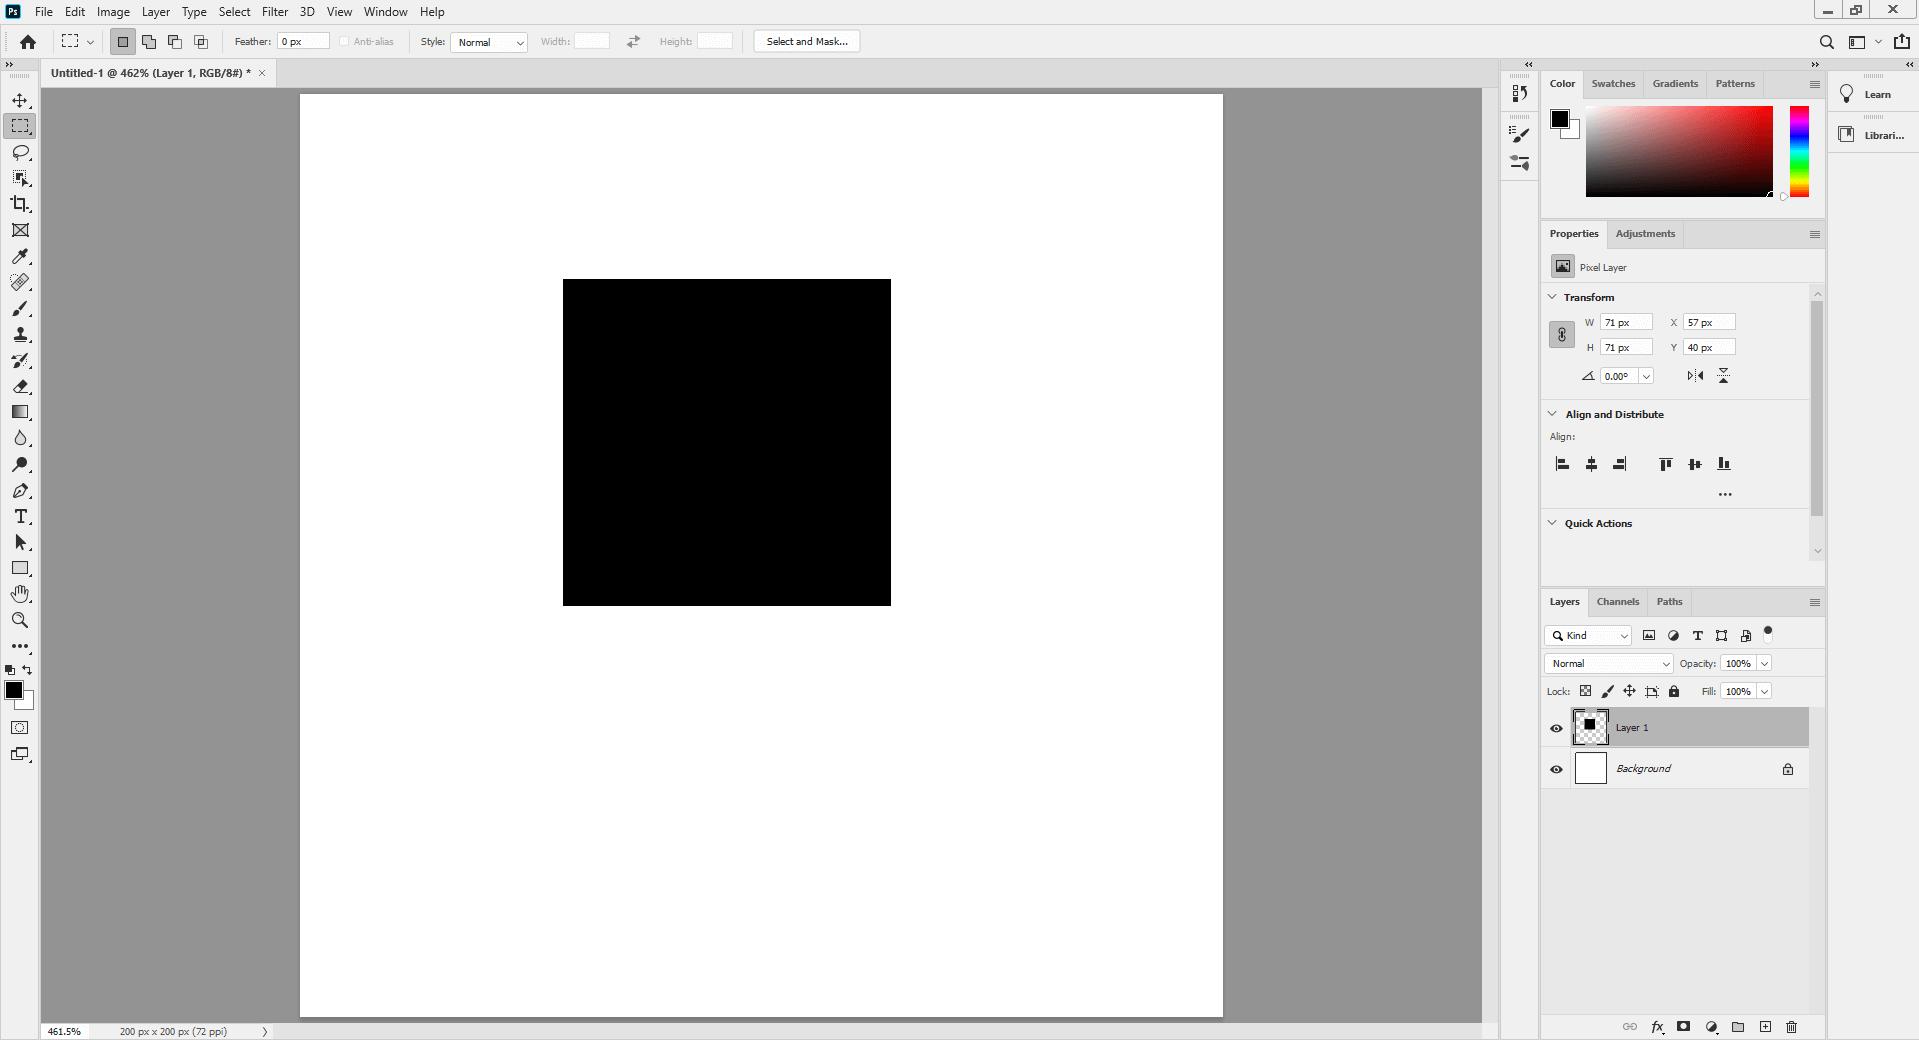 Square brush - black foreground